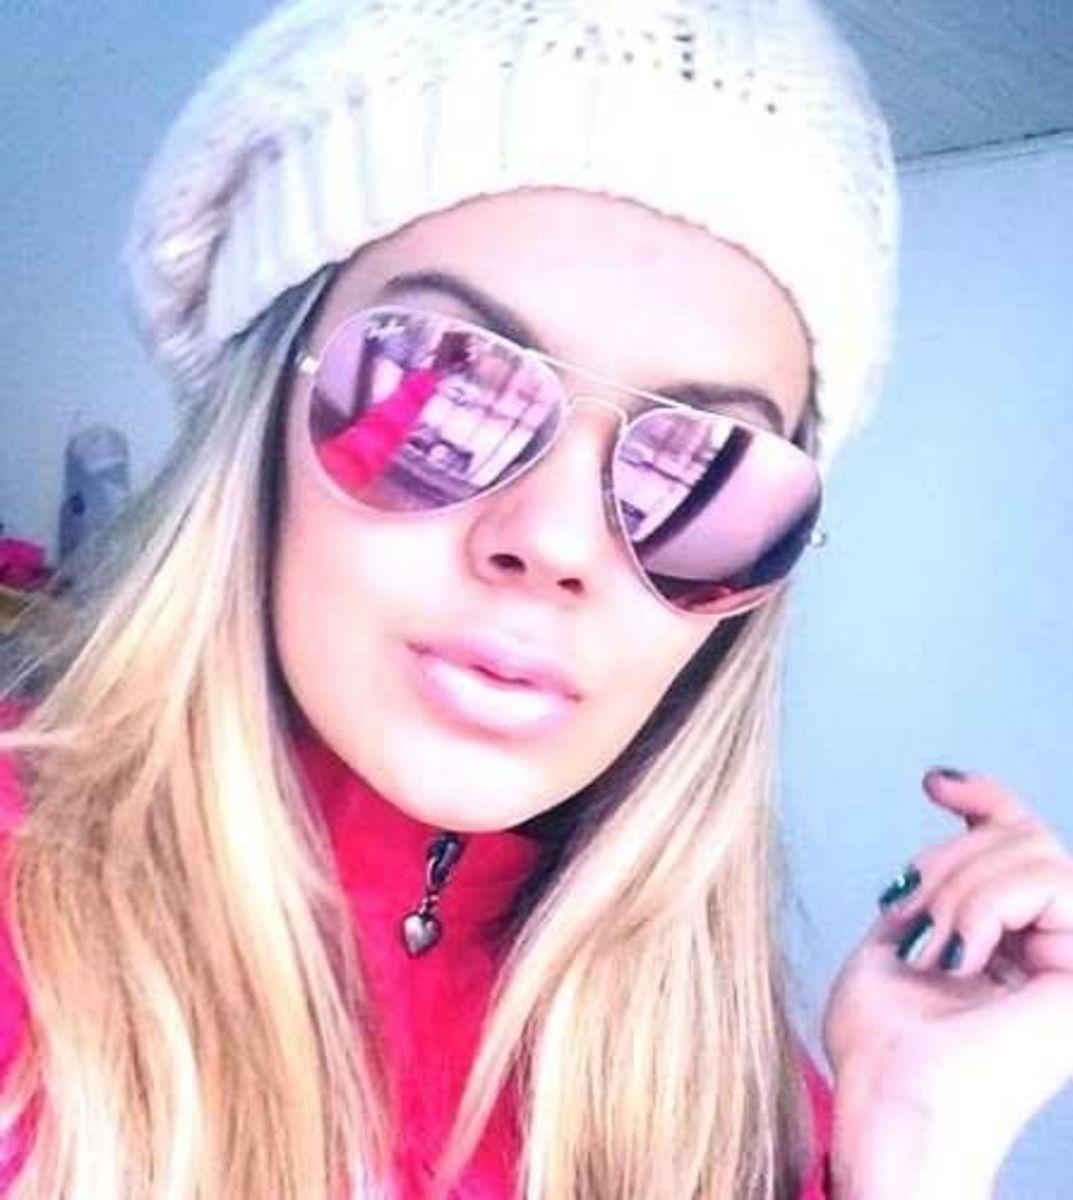 36440f3c4 óculos aviador rosa espelhado - óculos ray ban.  Czm6ly9wag90b3muzw5qb2vplmnvbs5ici9wcm9kdwn0cy80oti3mzc4l2jkmju4odu2ownmyzg2zdu5y2fmotjkmzhjmjviy2e4lmpwzw